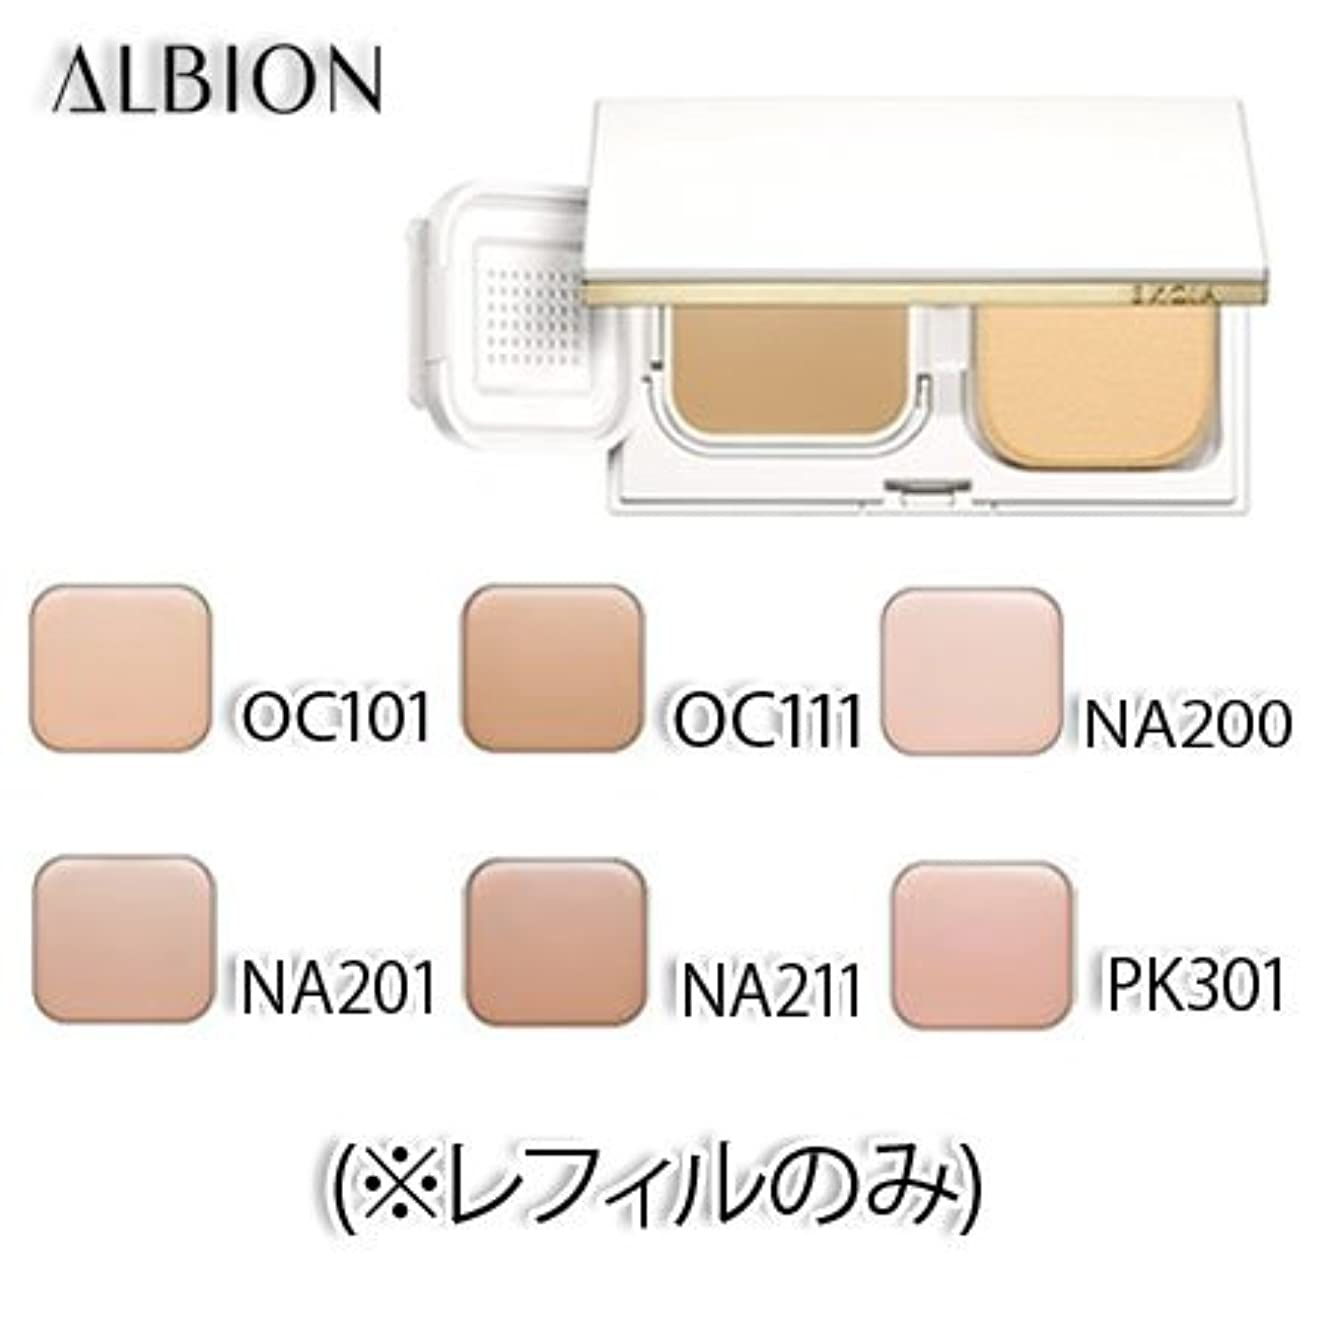 ボトルネックキャプテン貫通アルビオン エクシア AL リフティング エマルジョン ホワイト 6色 SPF47 PA++++ (レフィルのみ) -ALBION- NA211